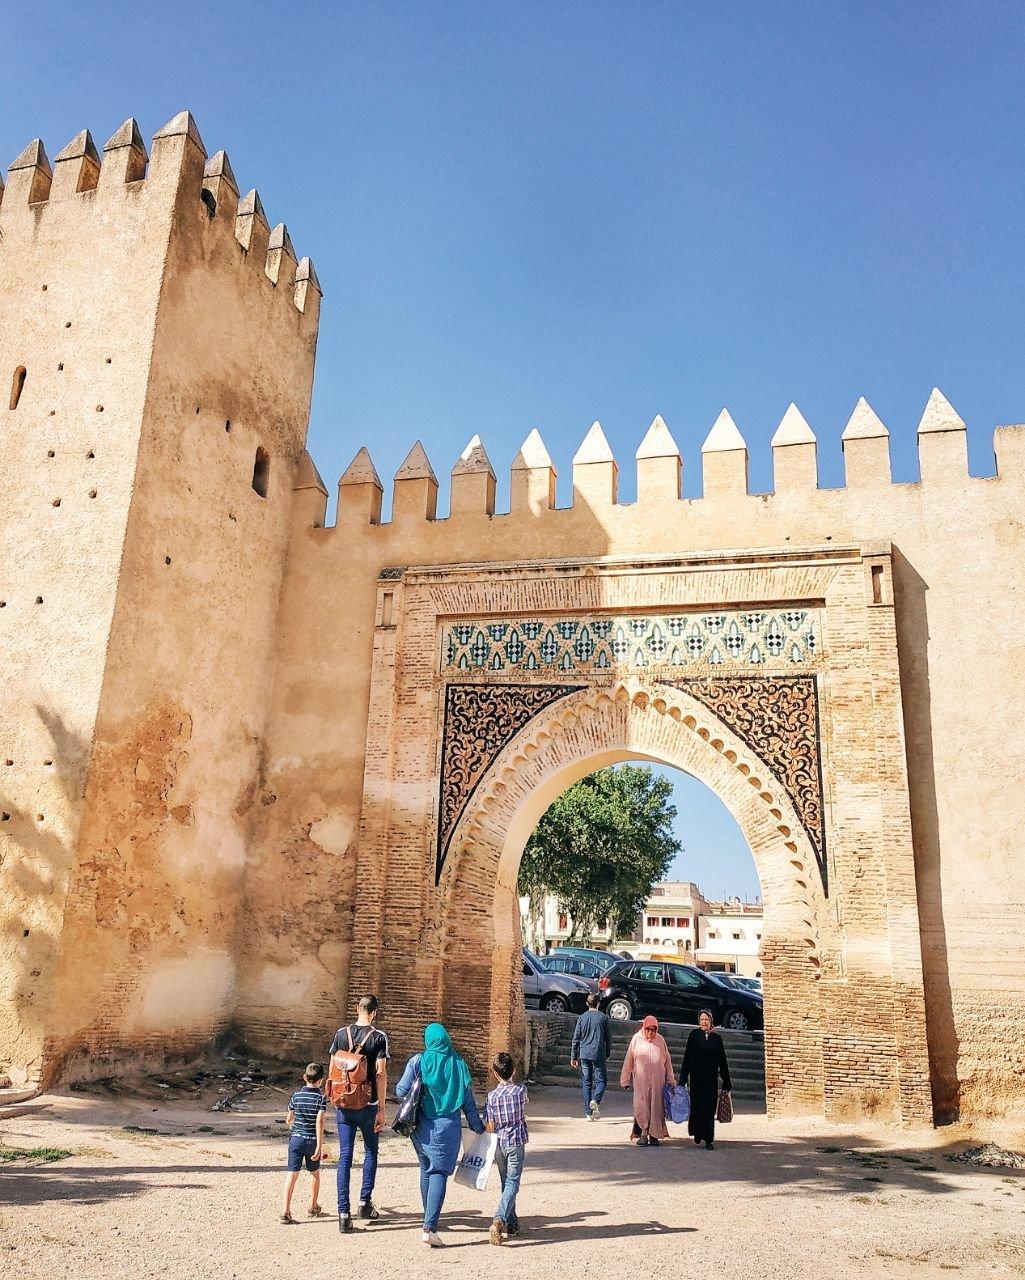 Город роз, персидские дворцы и Медина. Как харьковчанка провела две недели в Иране и Марокко, - ФОТО, фото-16